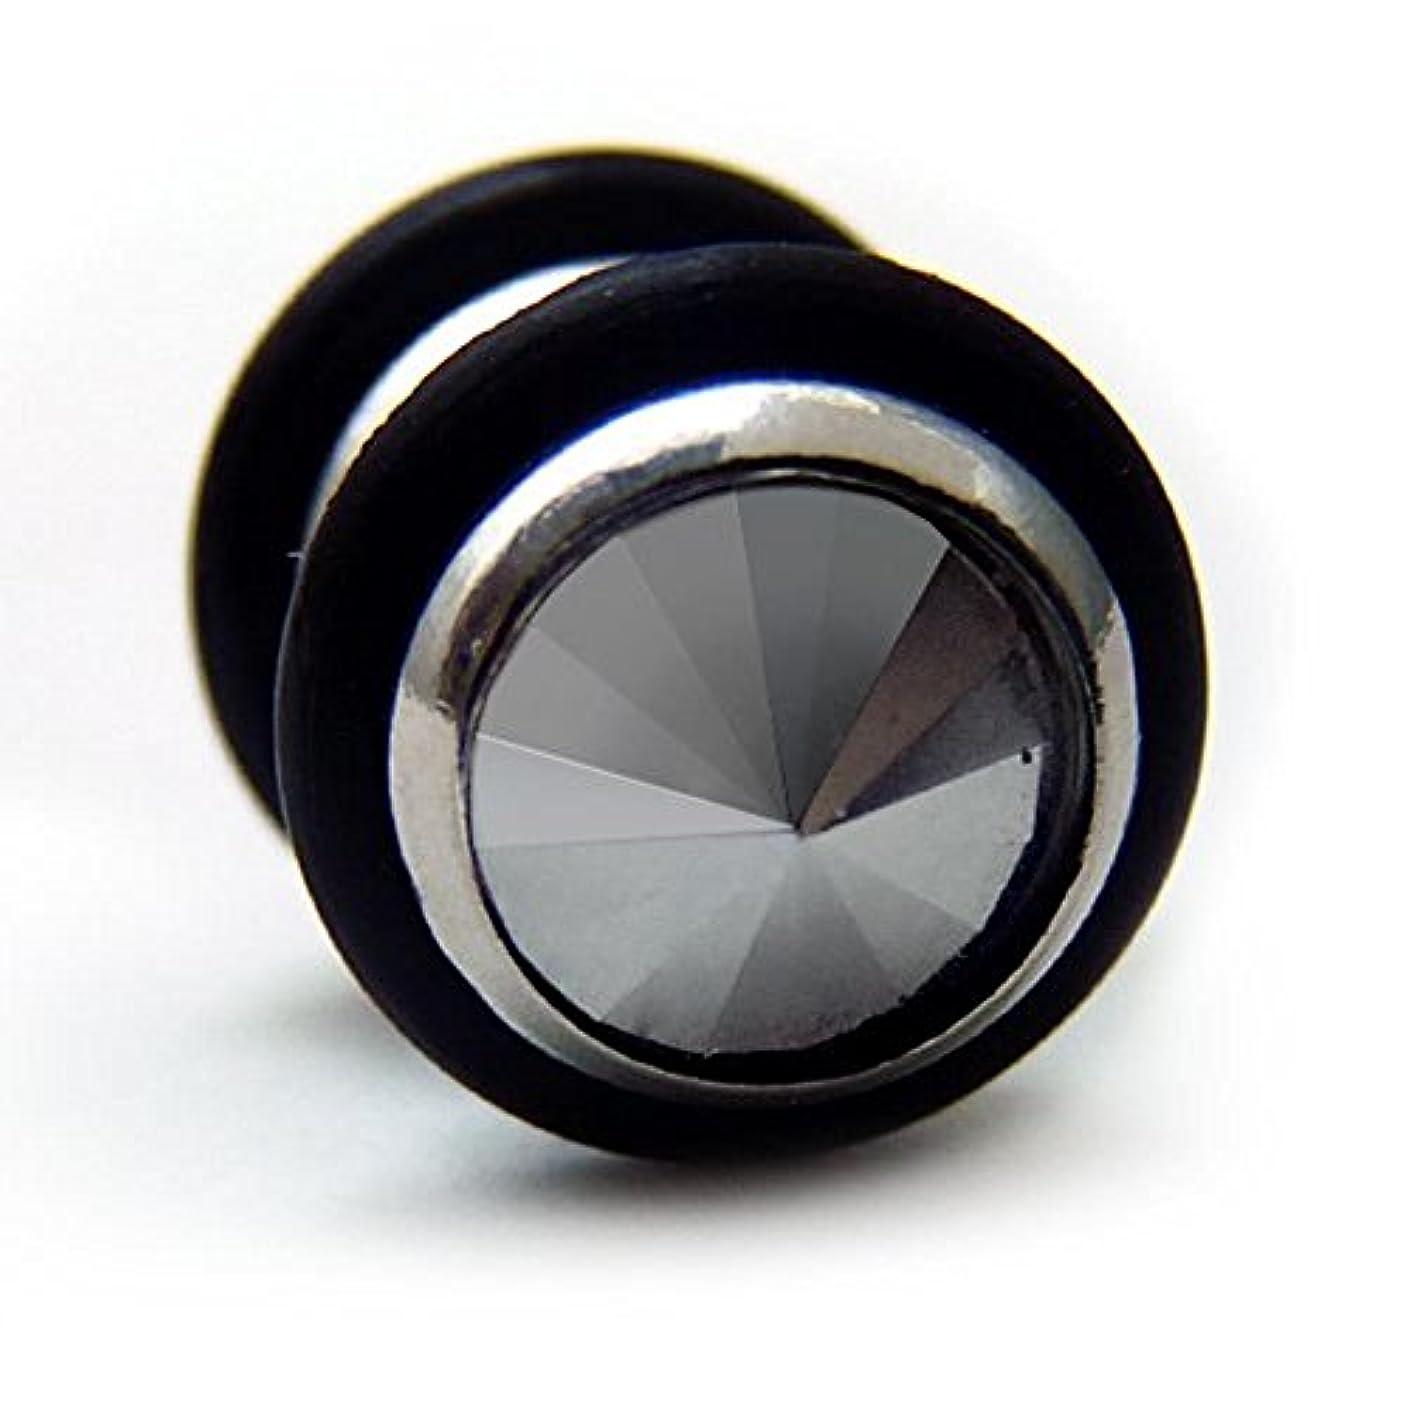 カナダチャペル維持スワンユニオン swanunion 黒丸型 片耳 磁石 マグピ ステンレス製 フェイクピアス fp24-M